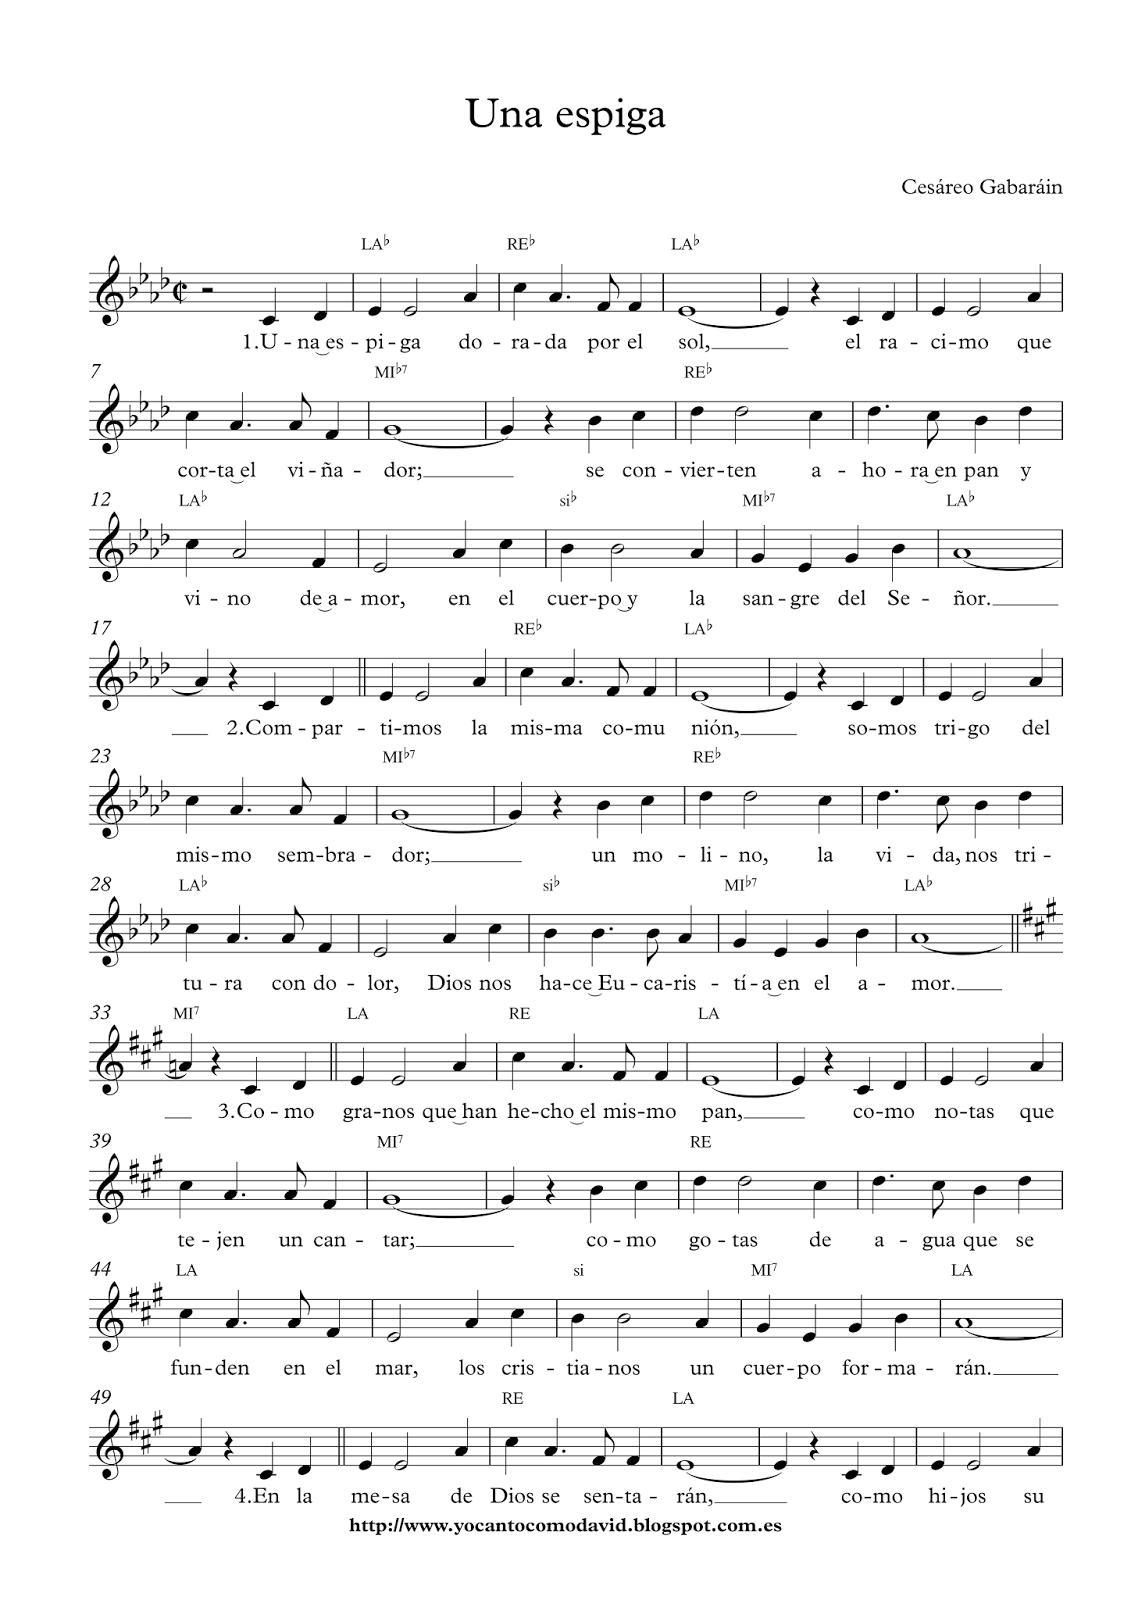 Una Espiga Yo Canto Como David Partituras De Canciones Lecciones De Piano Partituras